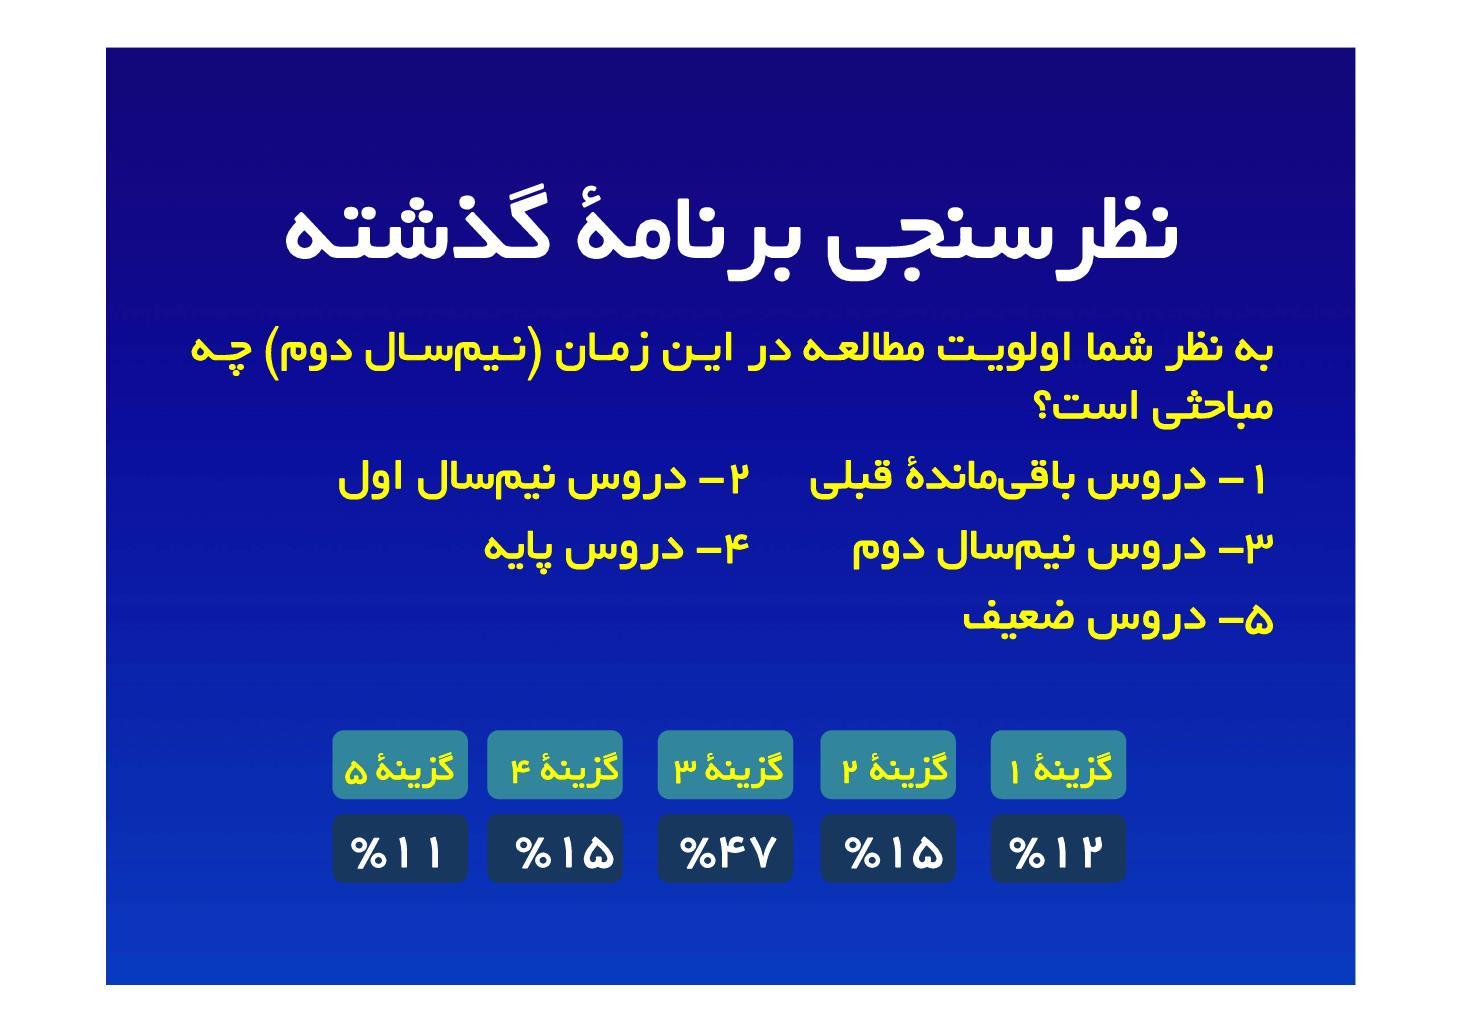 گزینه جوان / 12 بهمن : ارزشیابی اهرم اصلاح آموزش  ویژه دوره اول متوسطه و دوره دوم دبستان  (PDF)